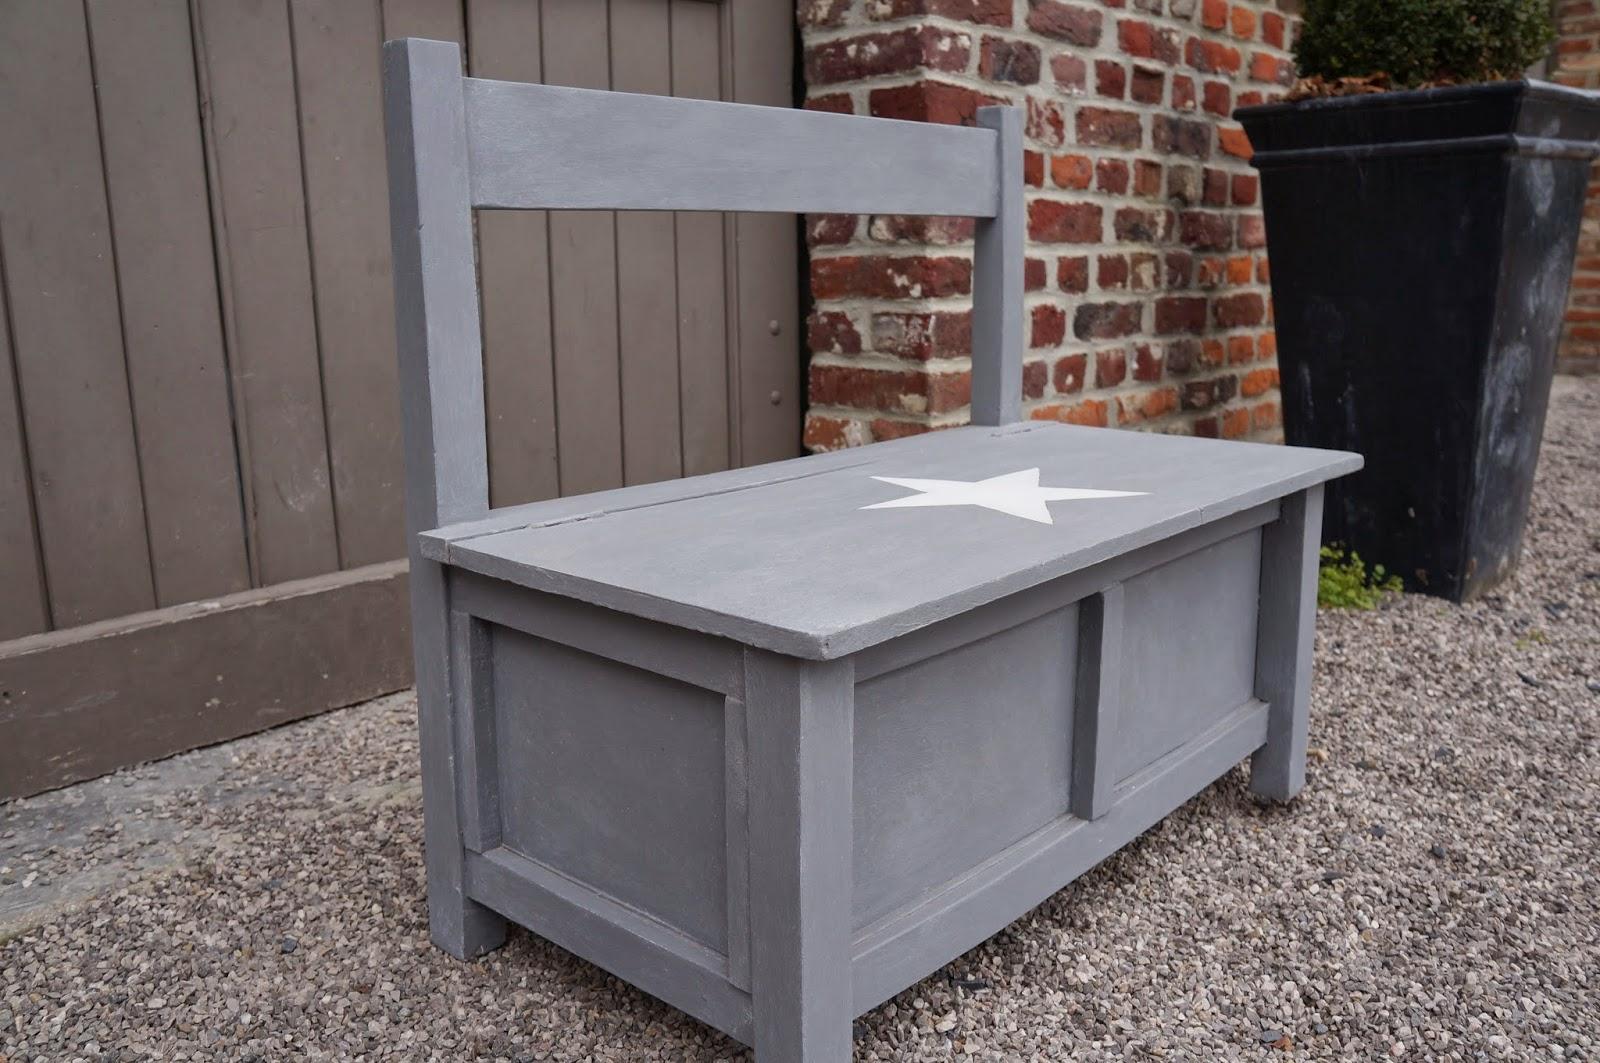 Banc-coffre  pour enfant gris blanchi avec une étoile blanche peinte au dessus